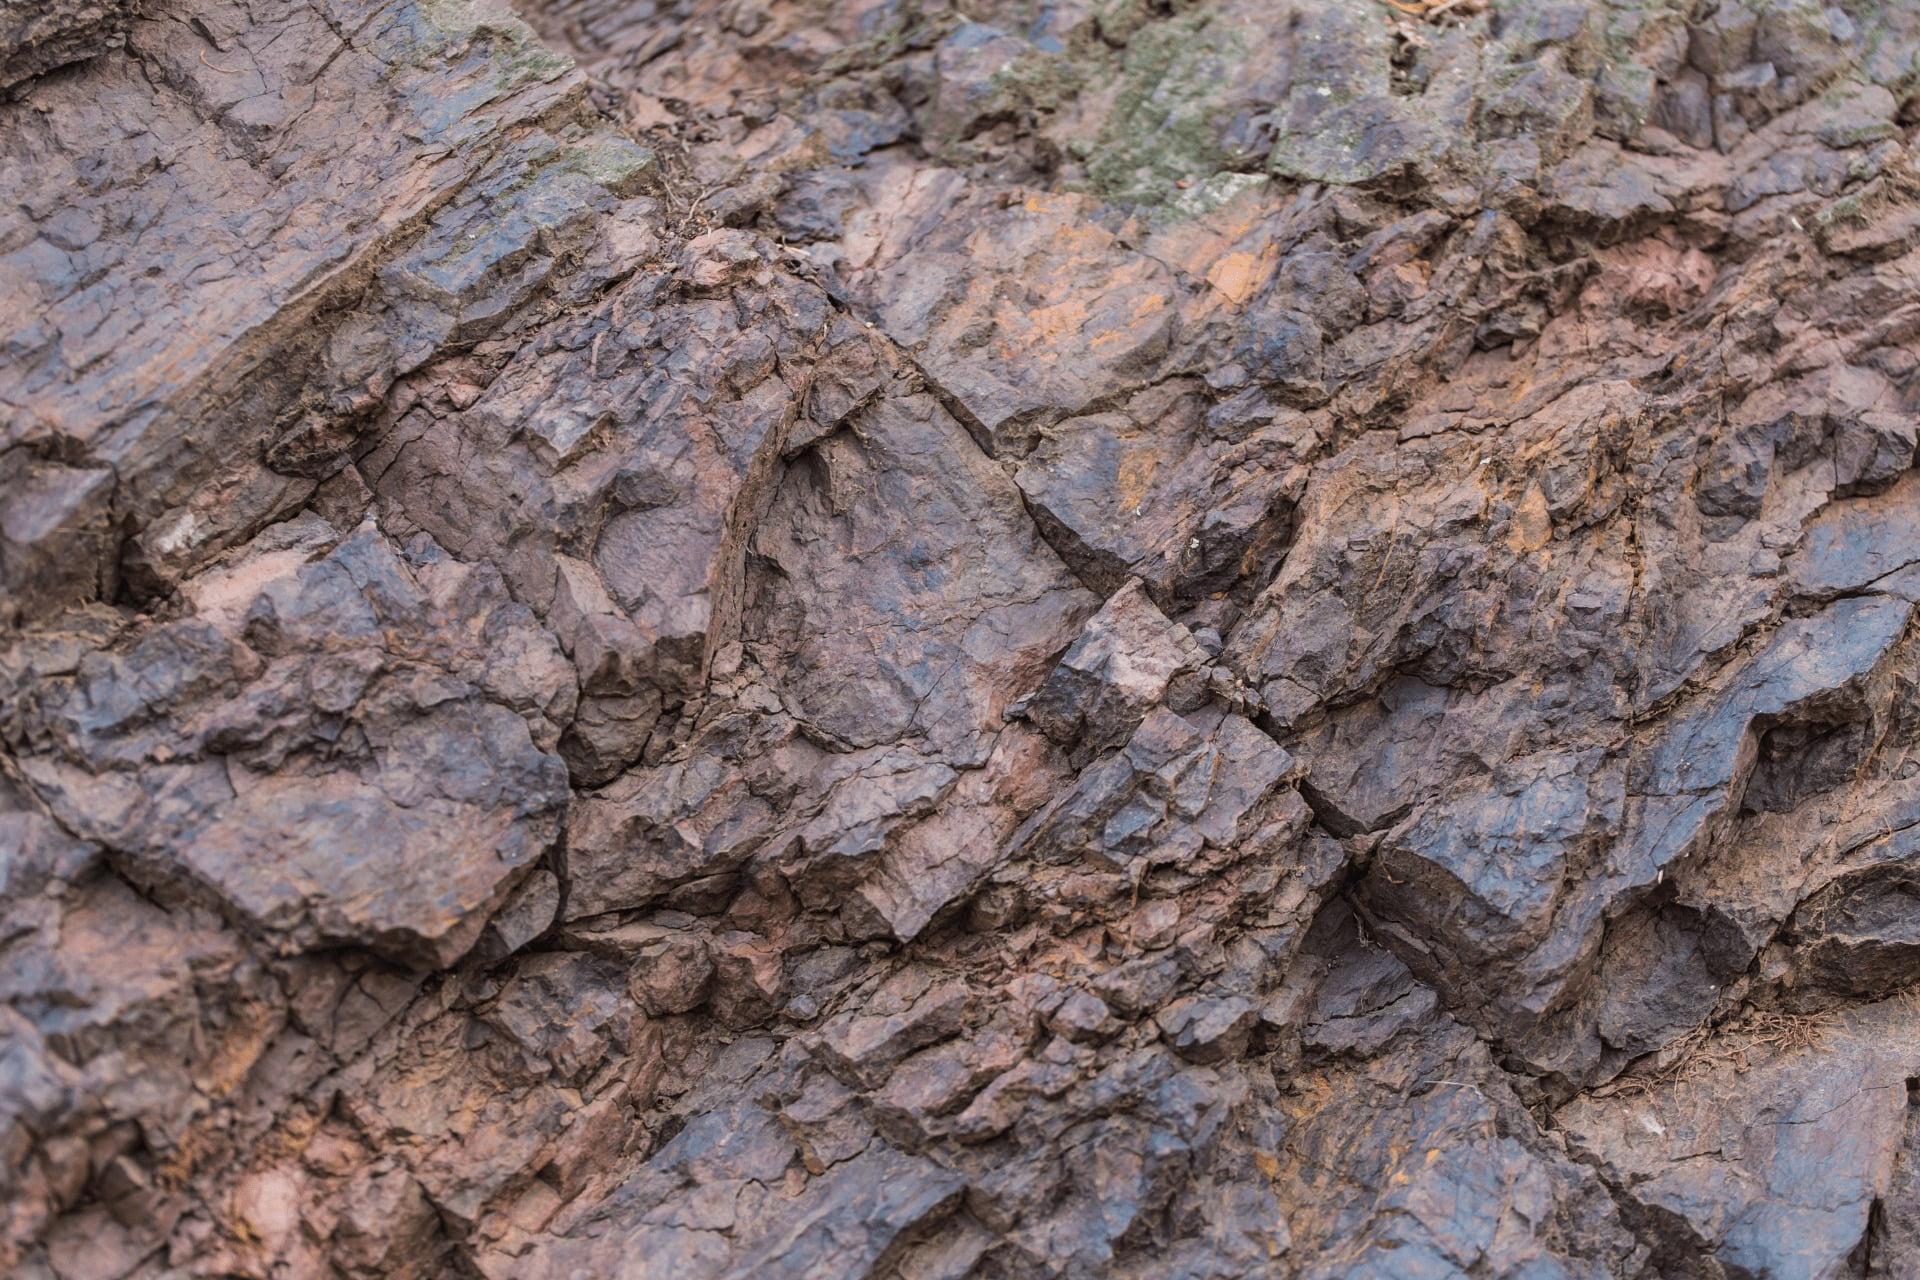 georudeko - geologija, rudarjenje, ekologija, ekosistemske rešitve in urejanje postopka